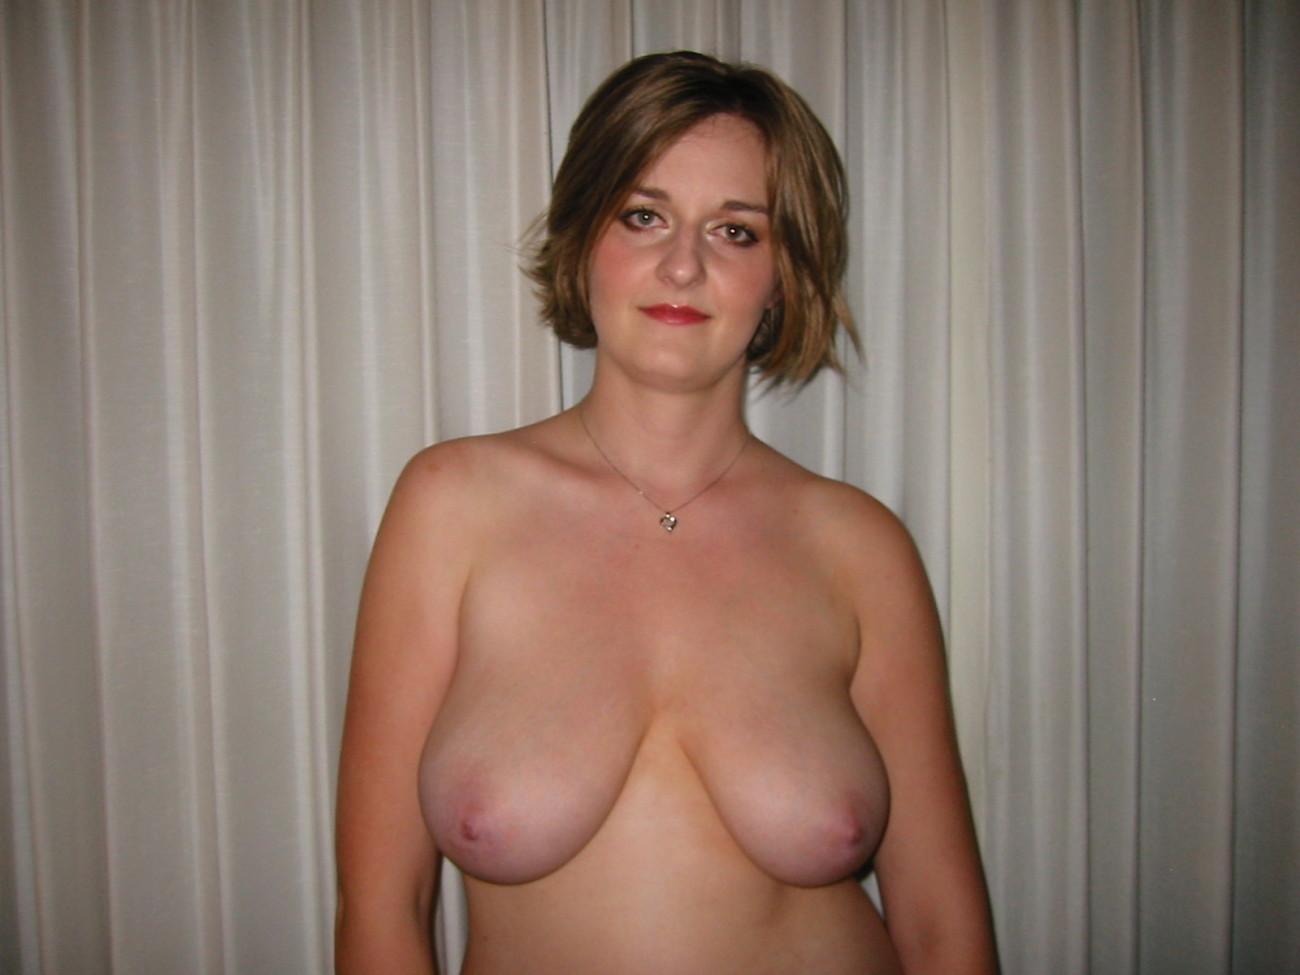 Tag Amateur Saggy Tits